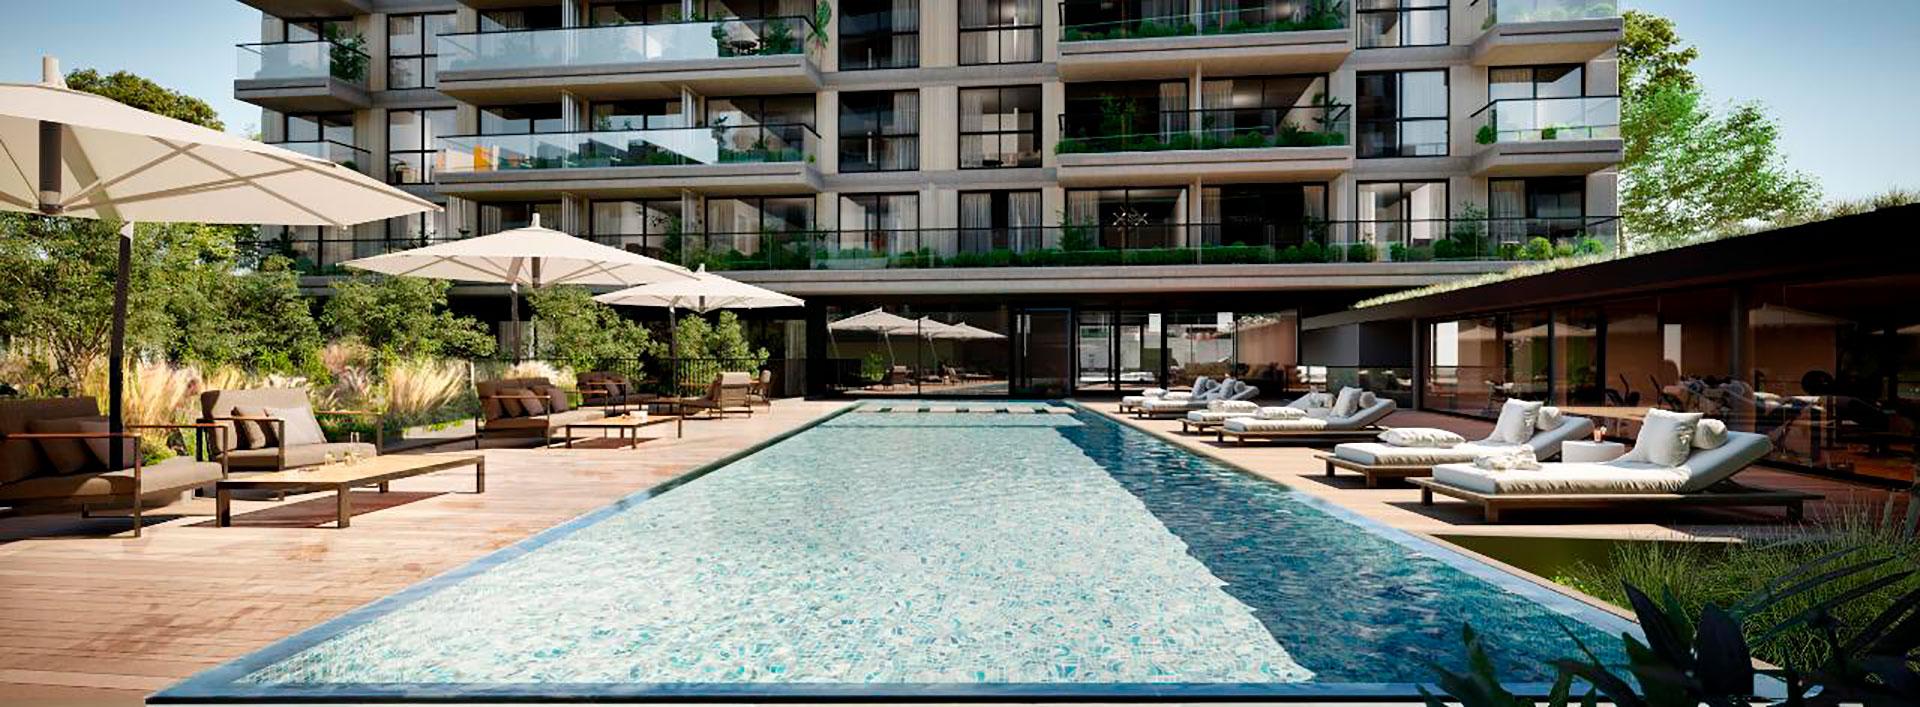 Las piscinas son protagonistas en varios de los desarrollos que se están lanzando para captar al público que dispone de ahorros